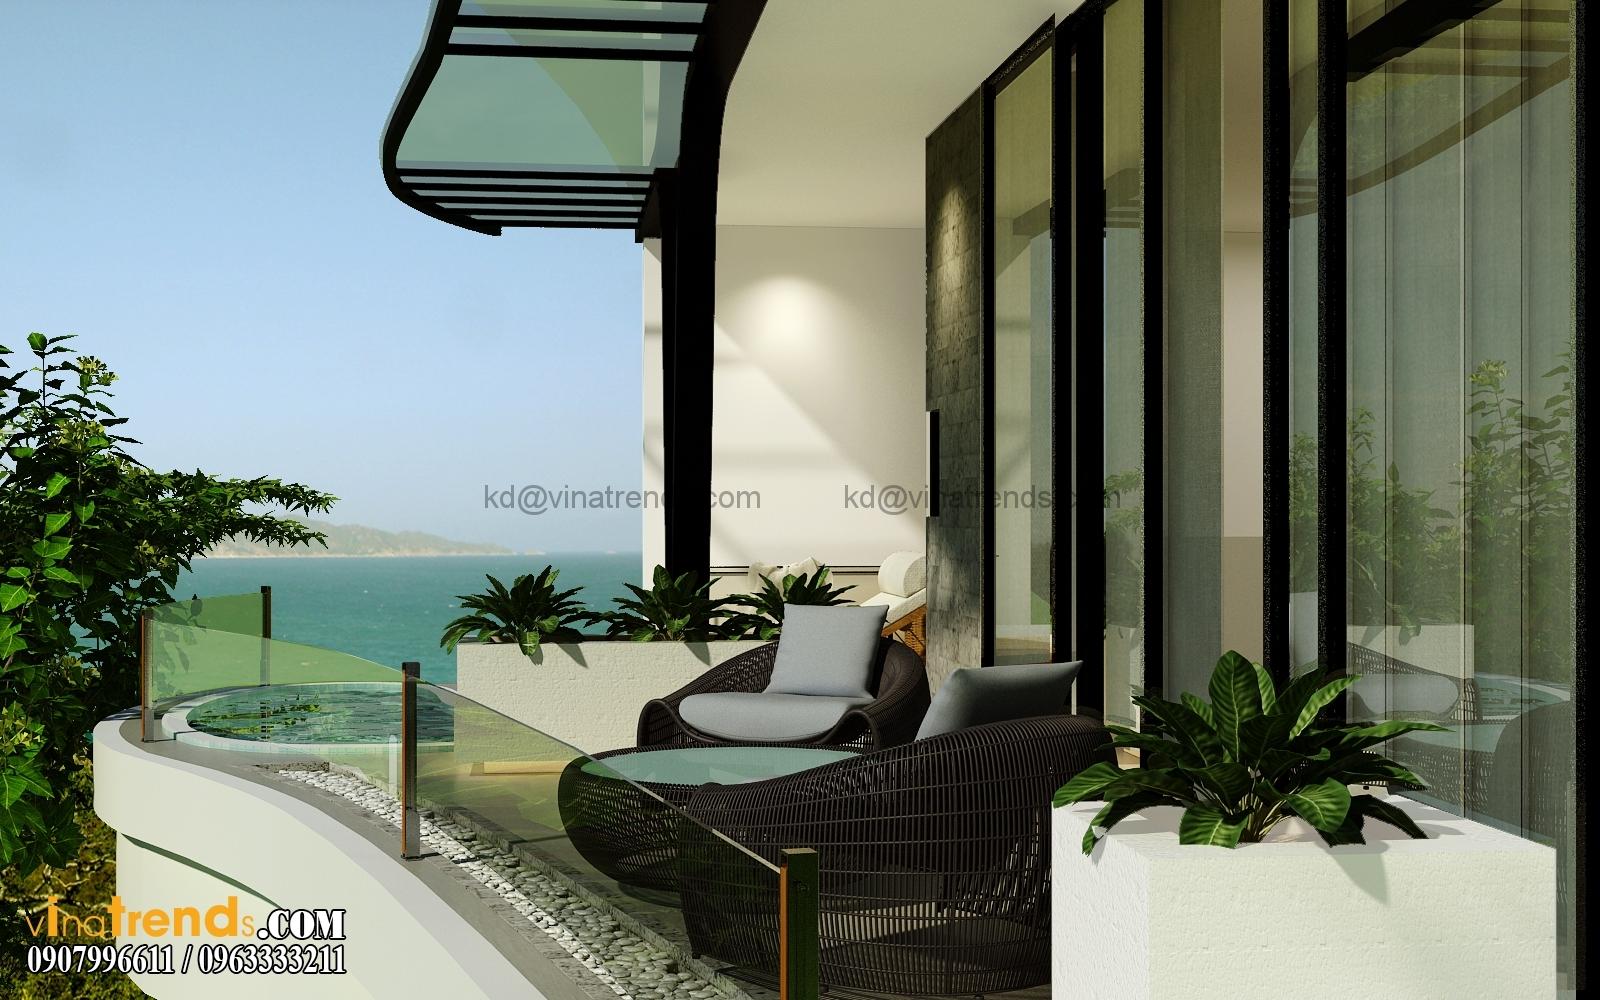 biet thu pho 2 tang 135m2 9 Mẫu thiết kế biệt thự 3 tầng hiện đại 8x17m đẹp không gian lý tưởng cho gia đình bạn   BT180715A